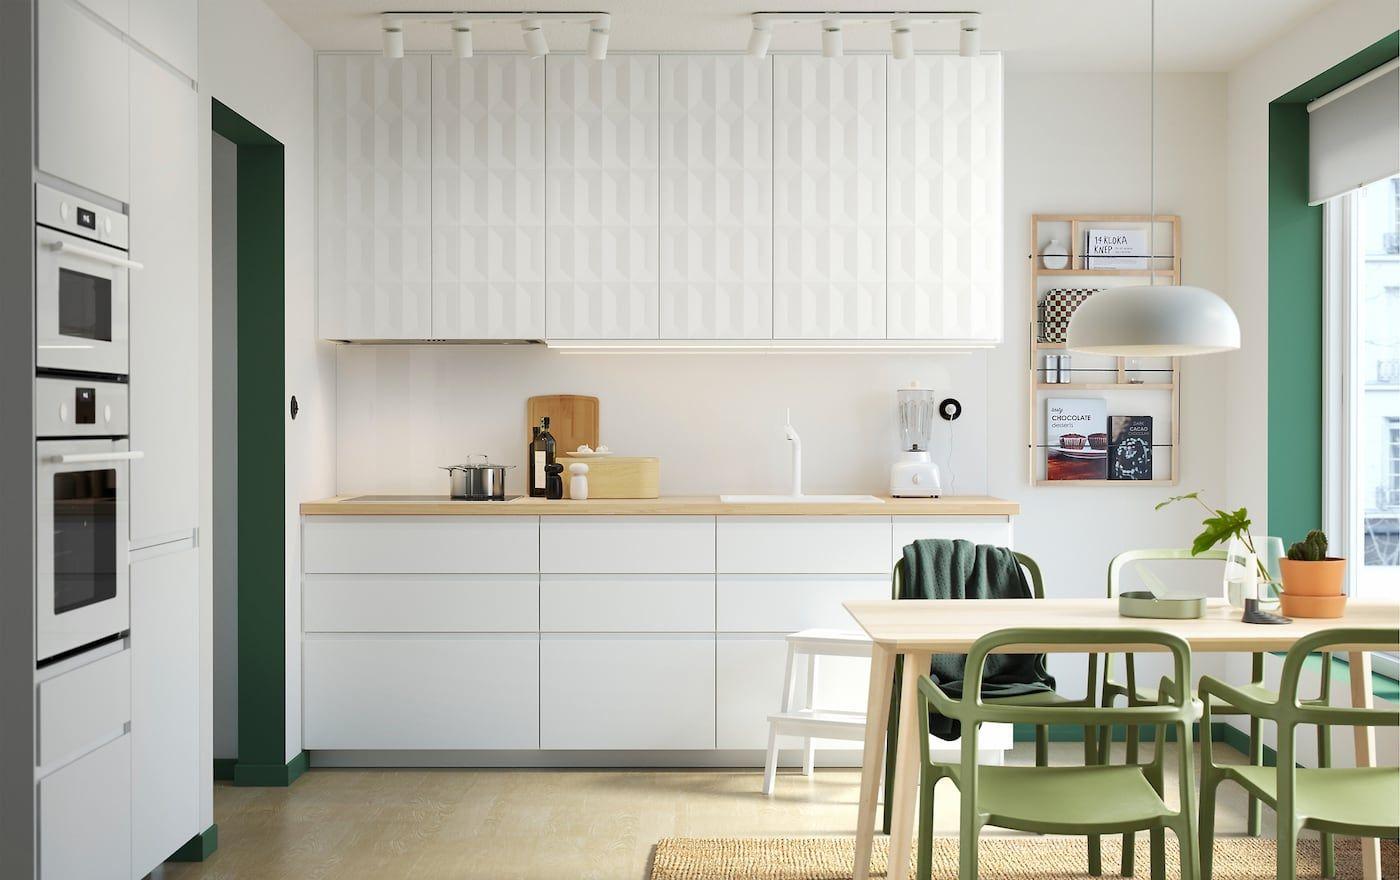 Bousculez Les Choses A La Mode Scandinave Voxtorp Ikea Facade Cuisine Cuisine Moderne